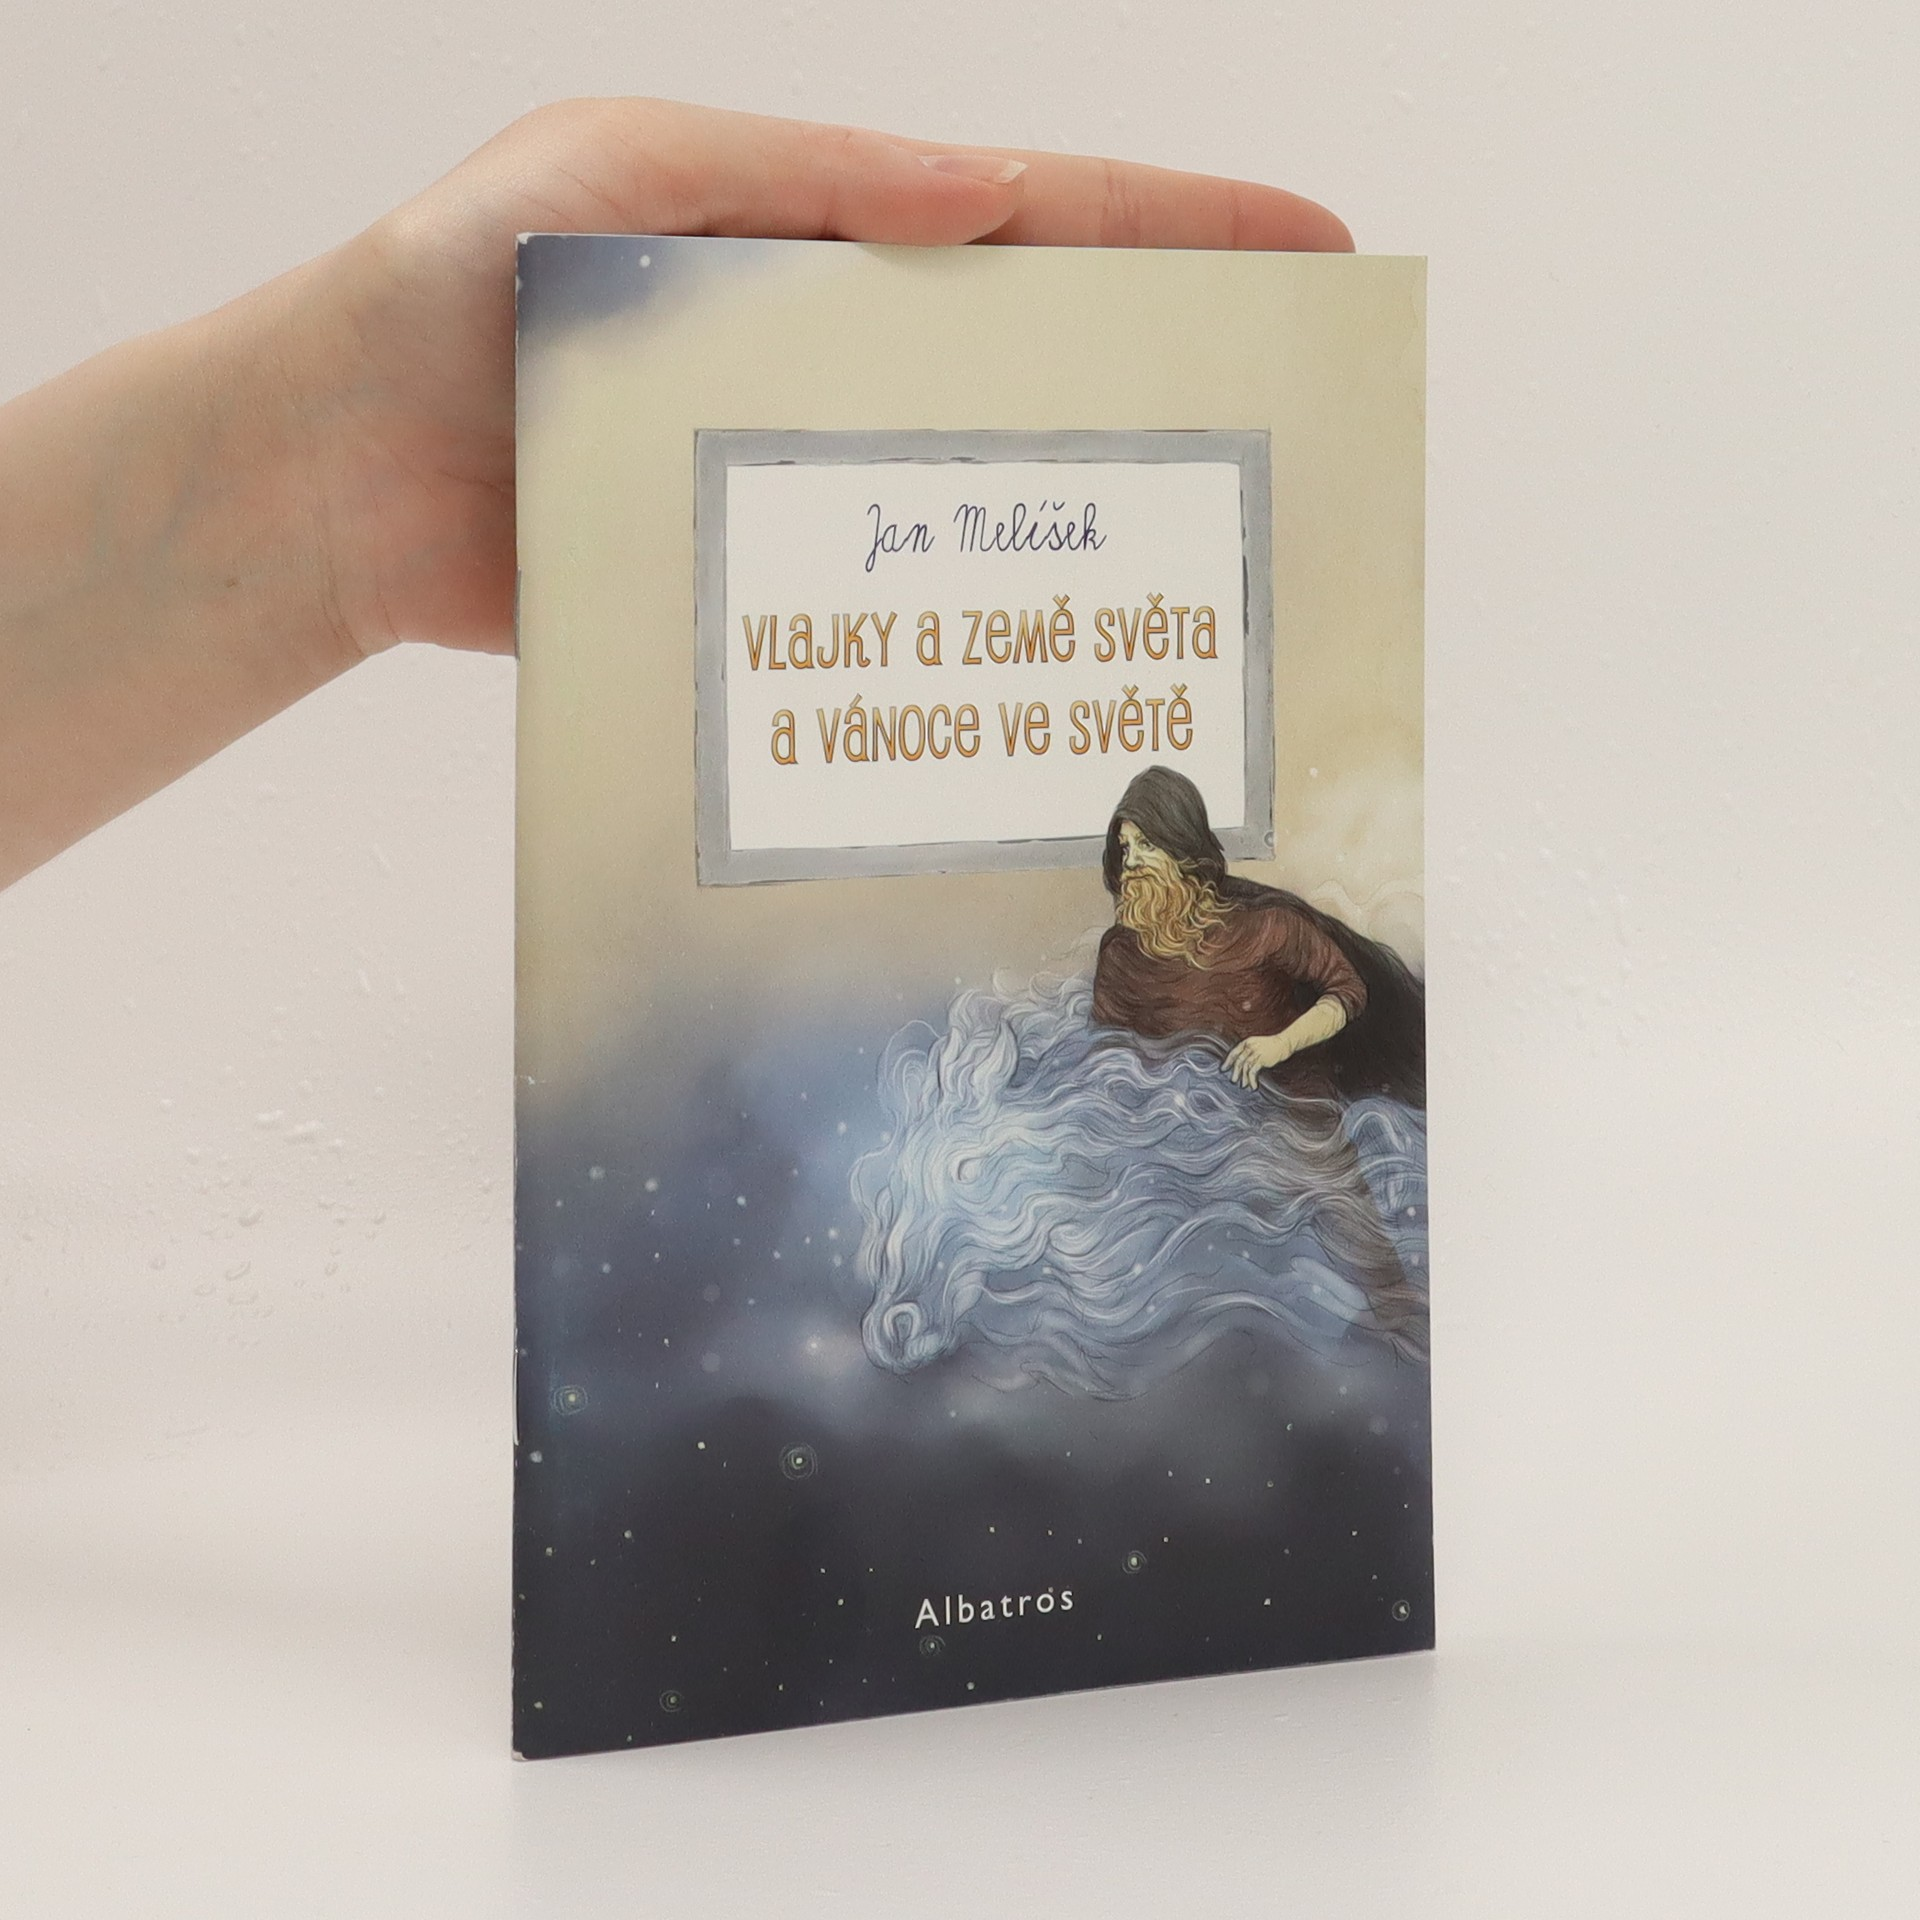 antikvární kniha Vlajky a země světa a Vánoce ve světě, 2017